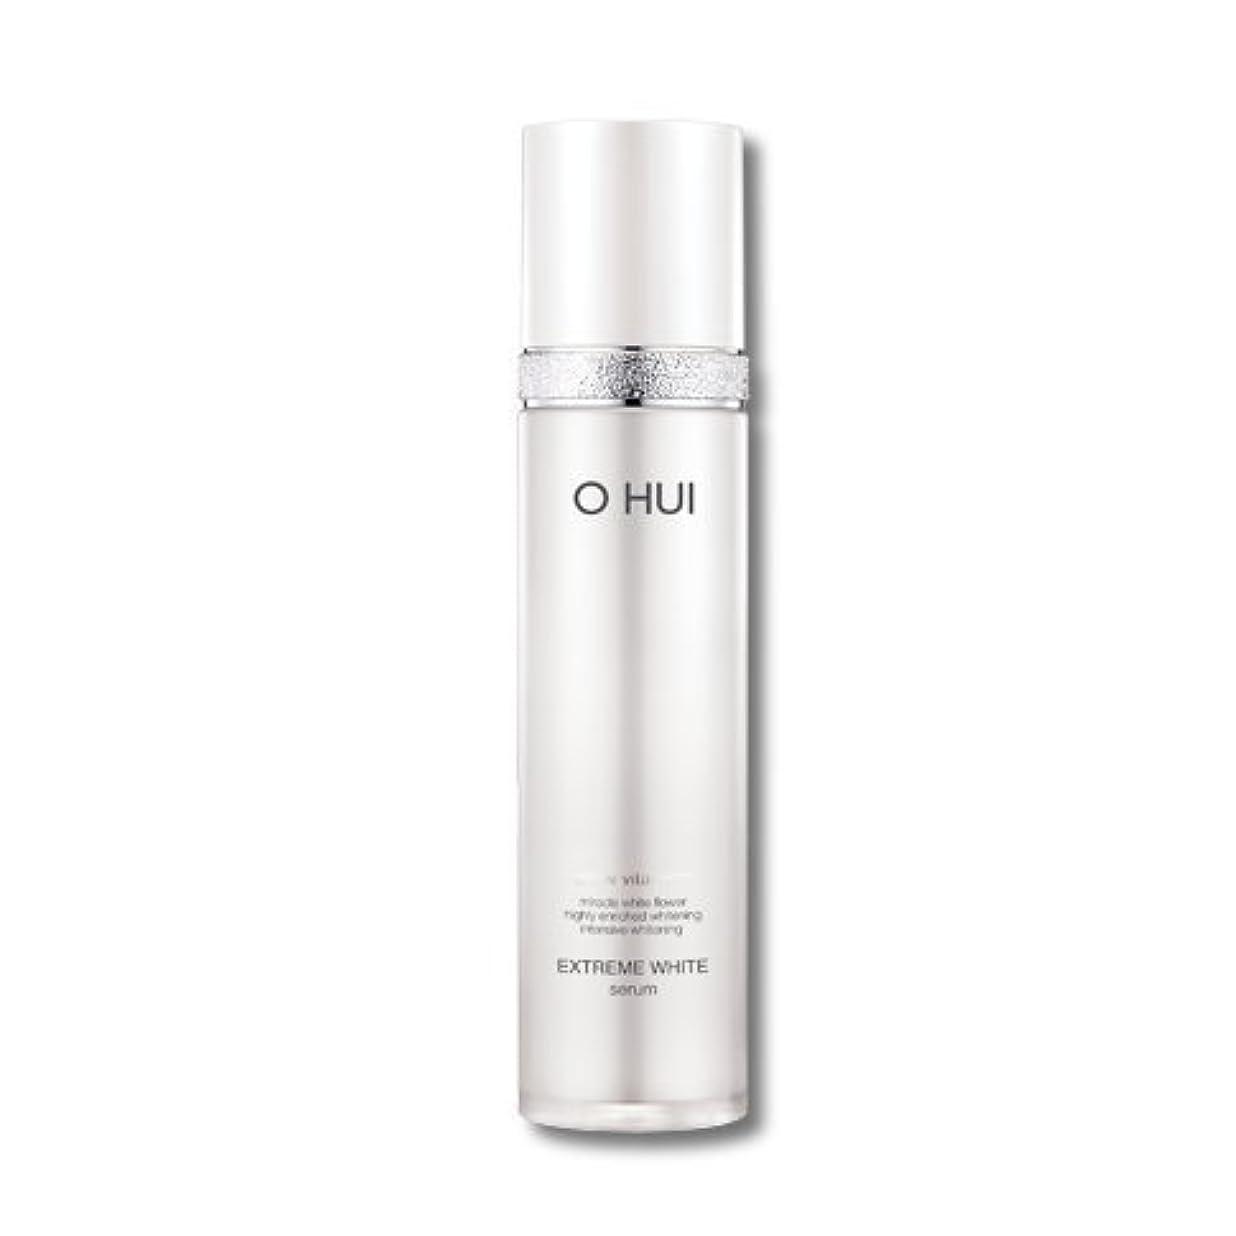 機械的に基礎女将OHUI Extreme White Serum 45ml/オフィ エクストリーム ホワイト セラム 45ml [並行輸入品]